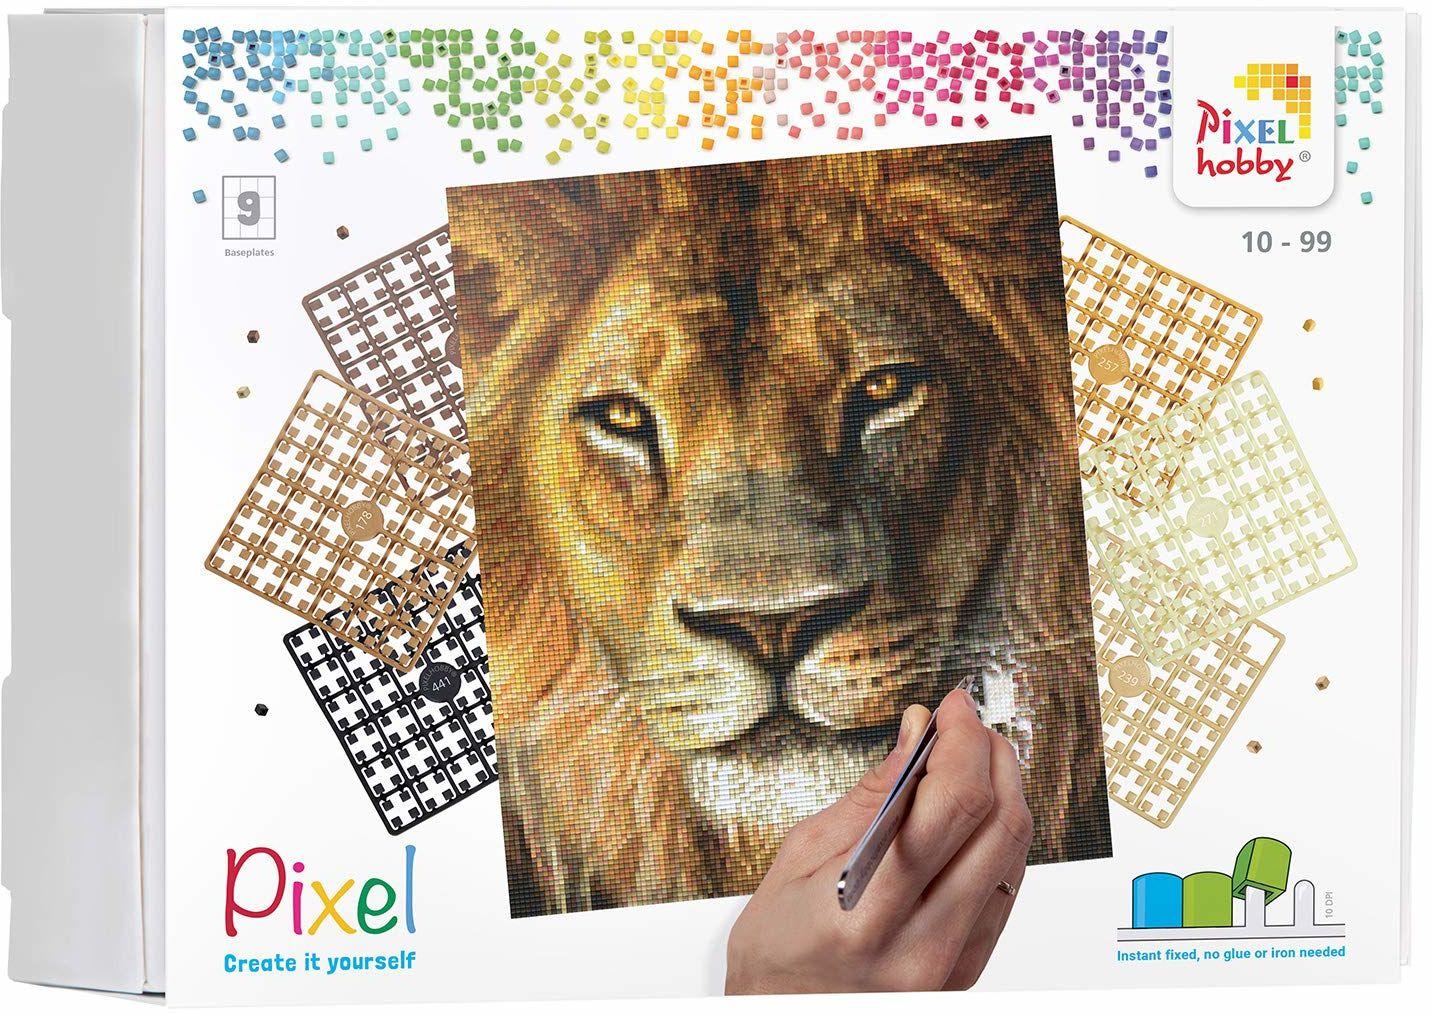 Pixel P090046 Mozaika opakowanie na prezent lew Obraz pikselowy około 30,5 x 38,1 cm rozmiar do tworzenia dla dzieci i dorosłych, kolorowy